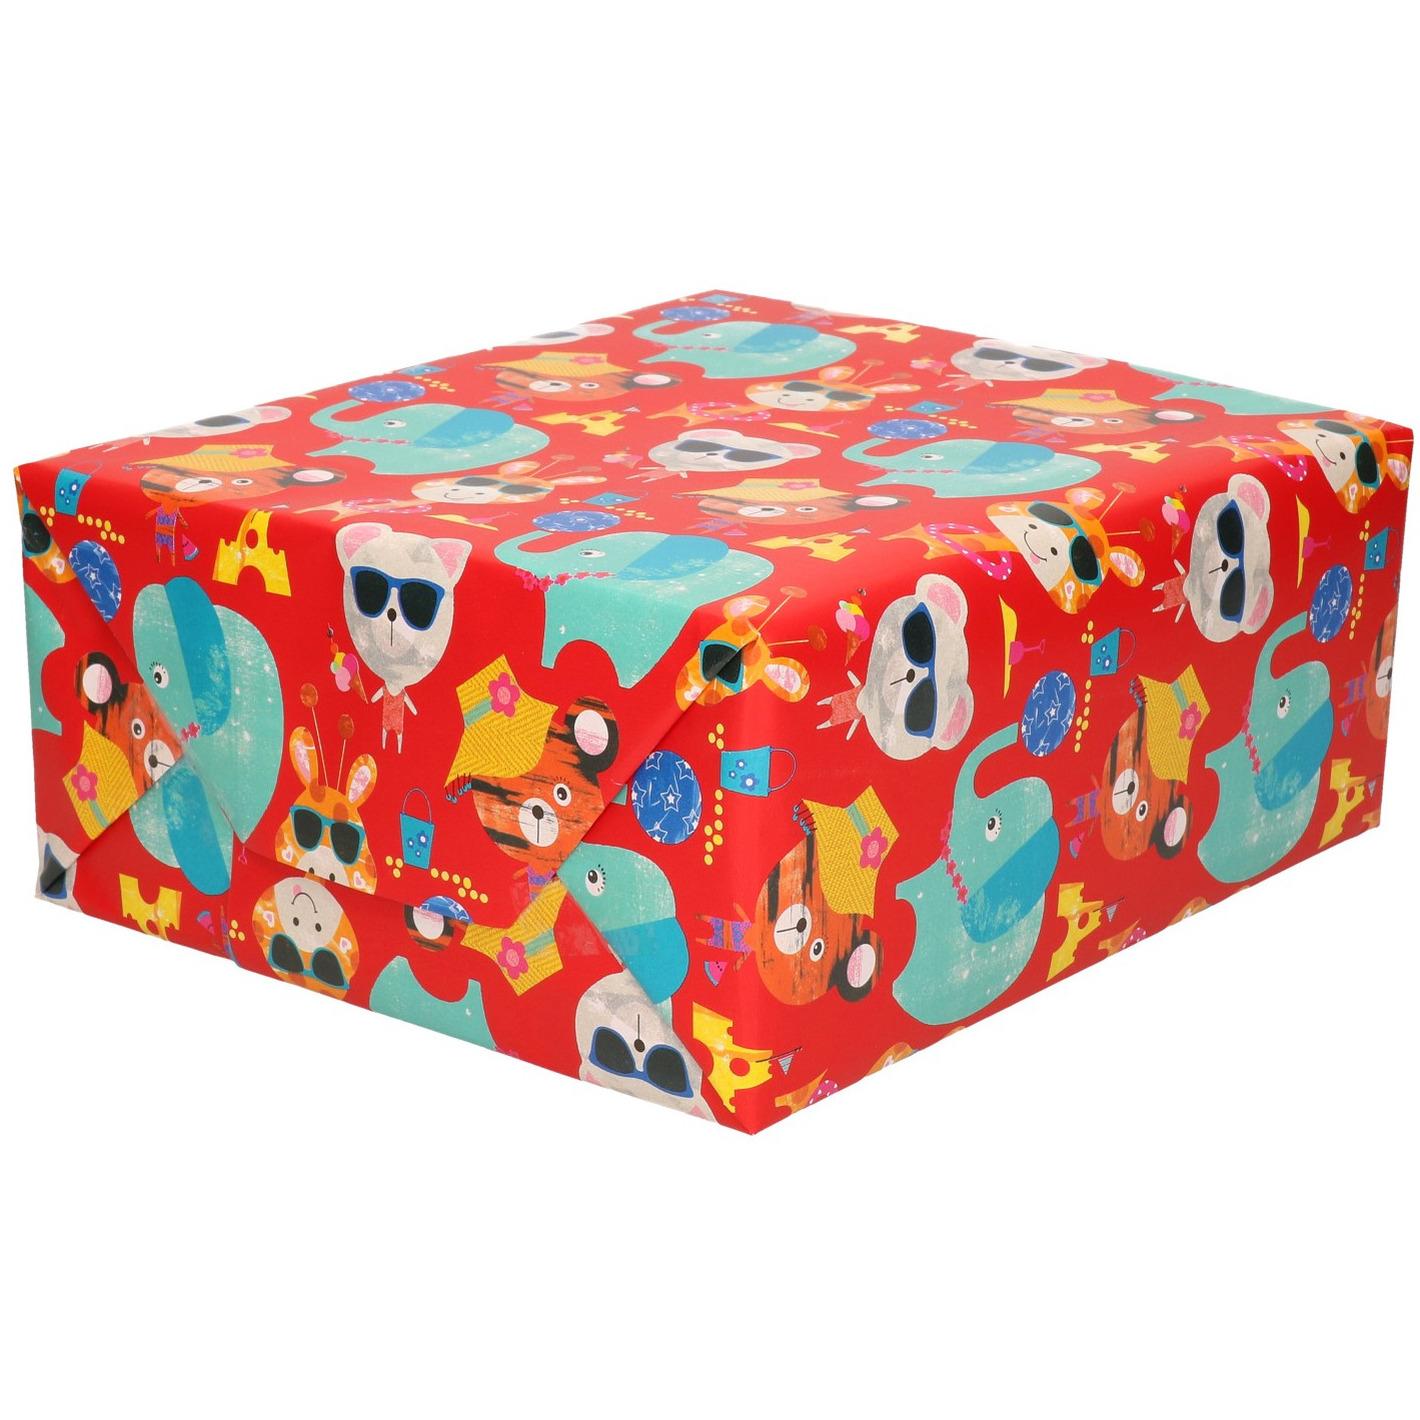 Inpakpapier kinder verjaardag met olifanten/poezen 200 x 70 cm